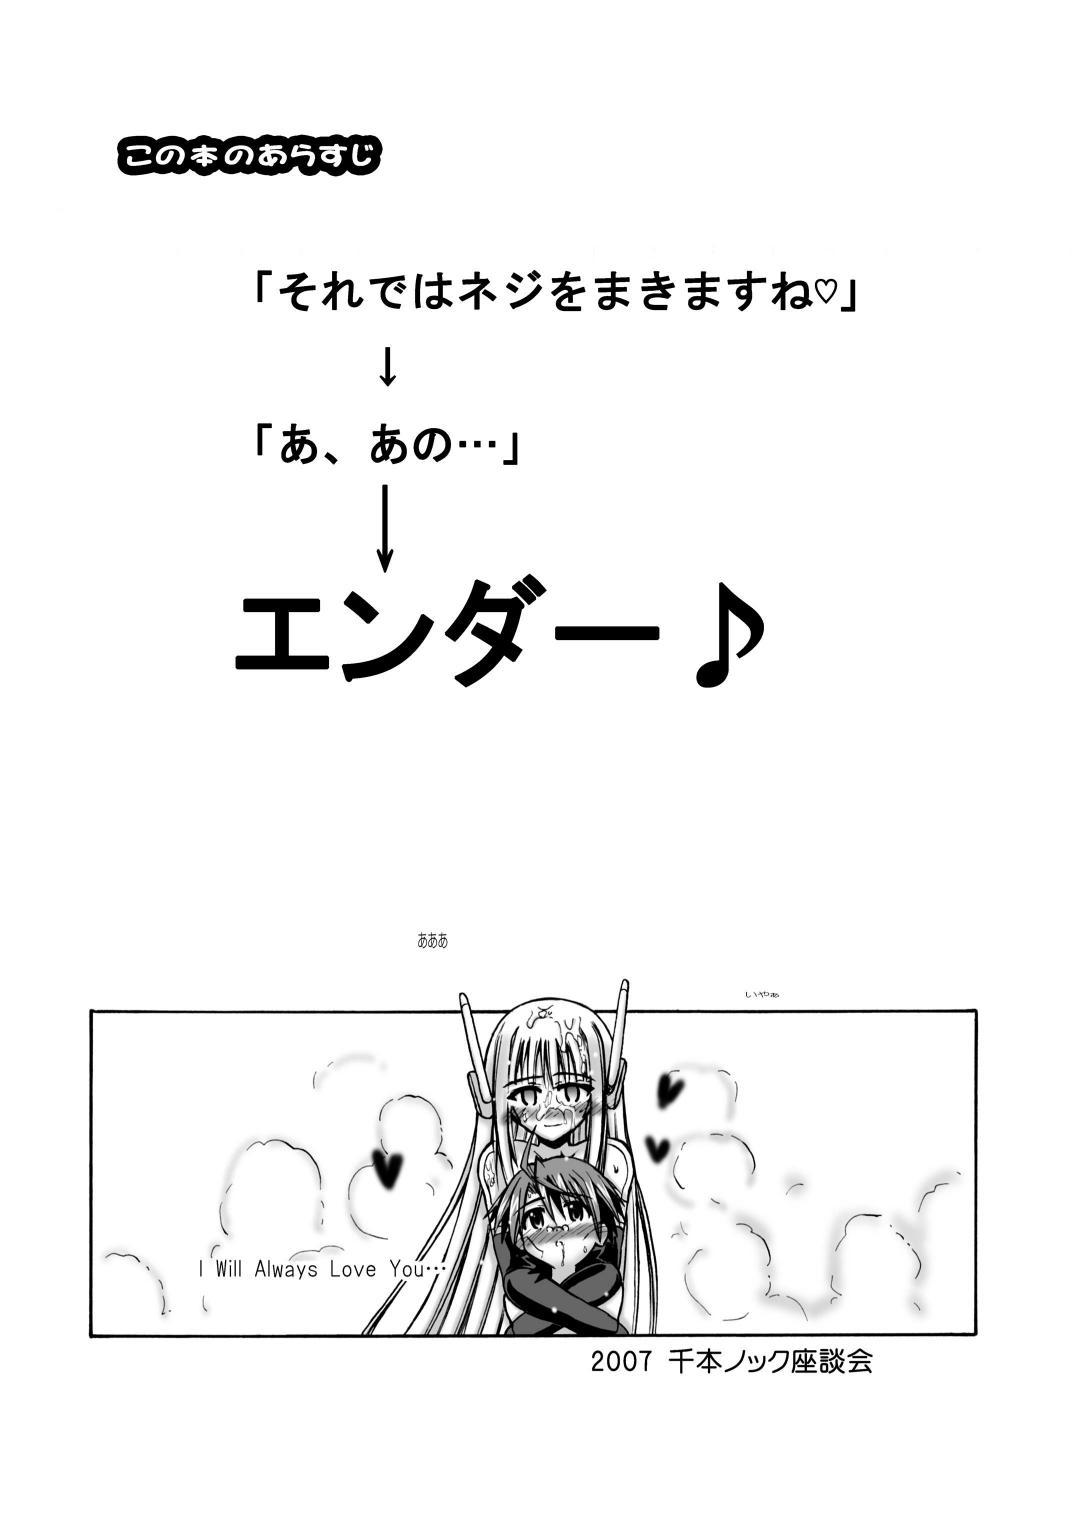 Sekai wa sore wo A.I to yobun daze 17